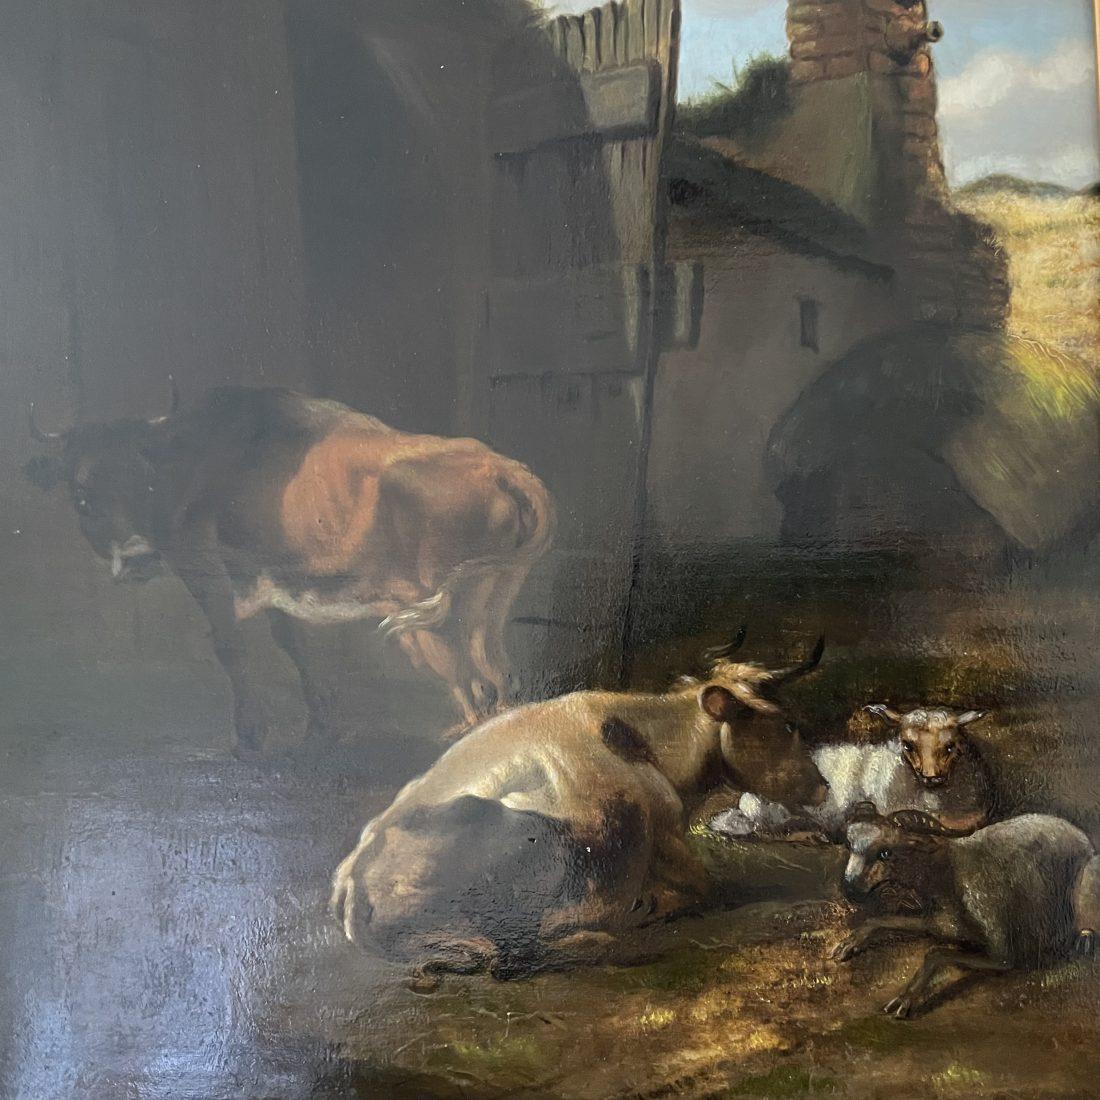 Stieren familie op de boerderij, onbekend, midden 19e eeuw